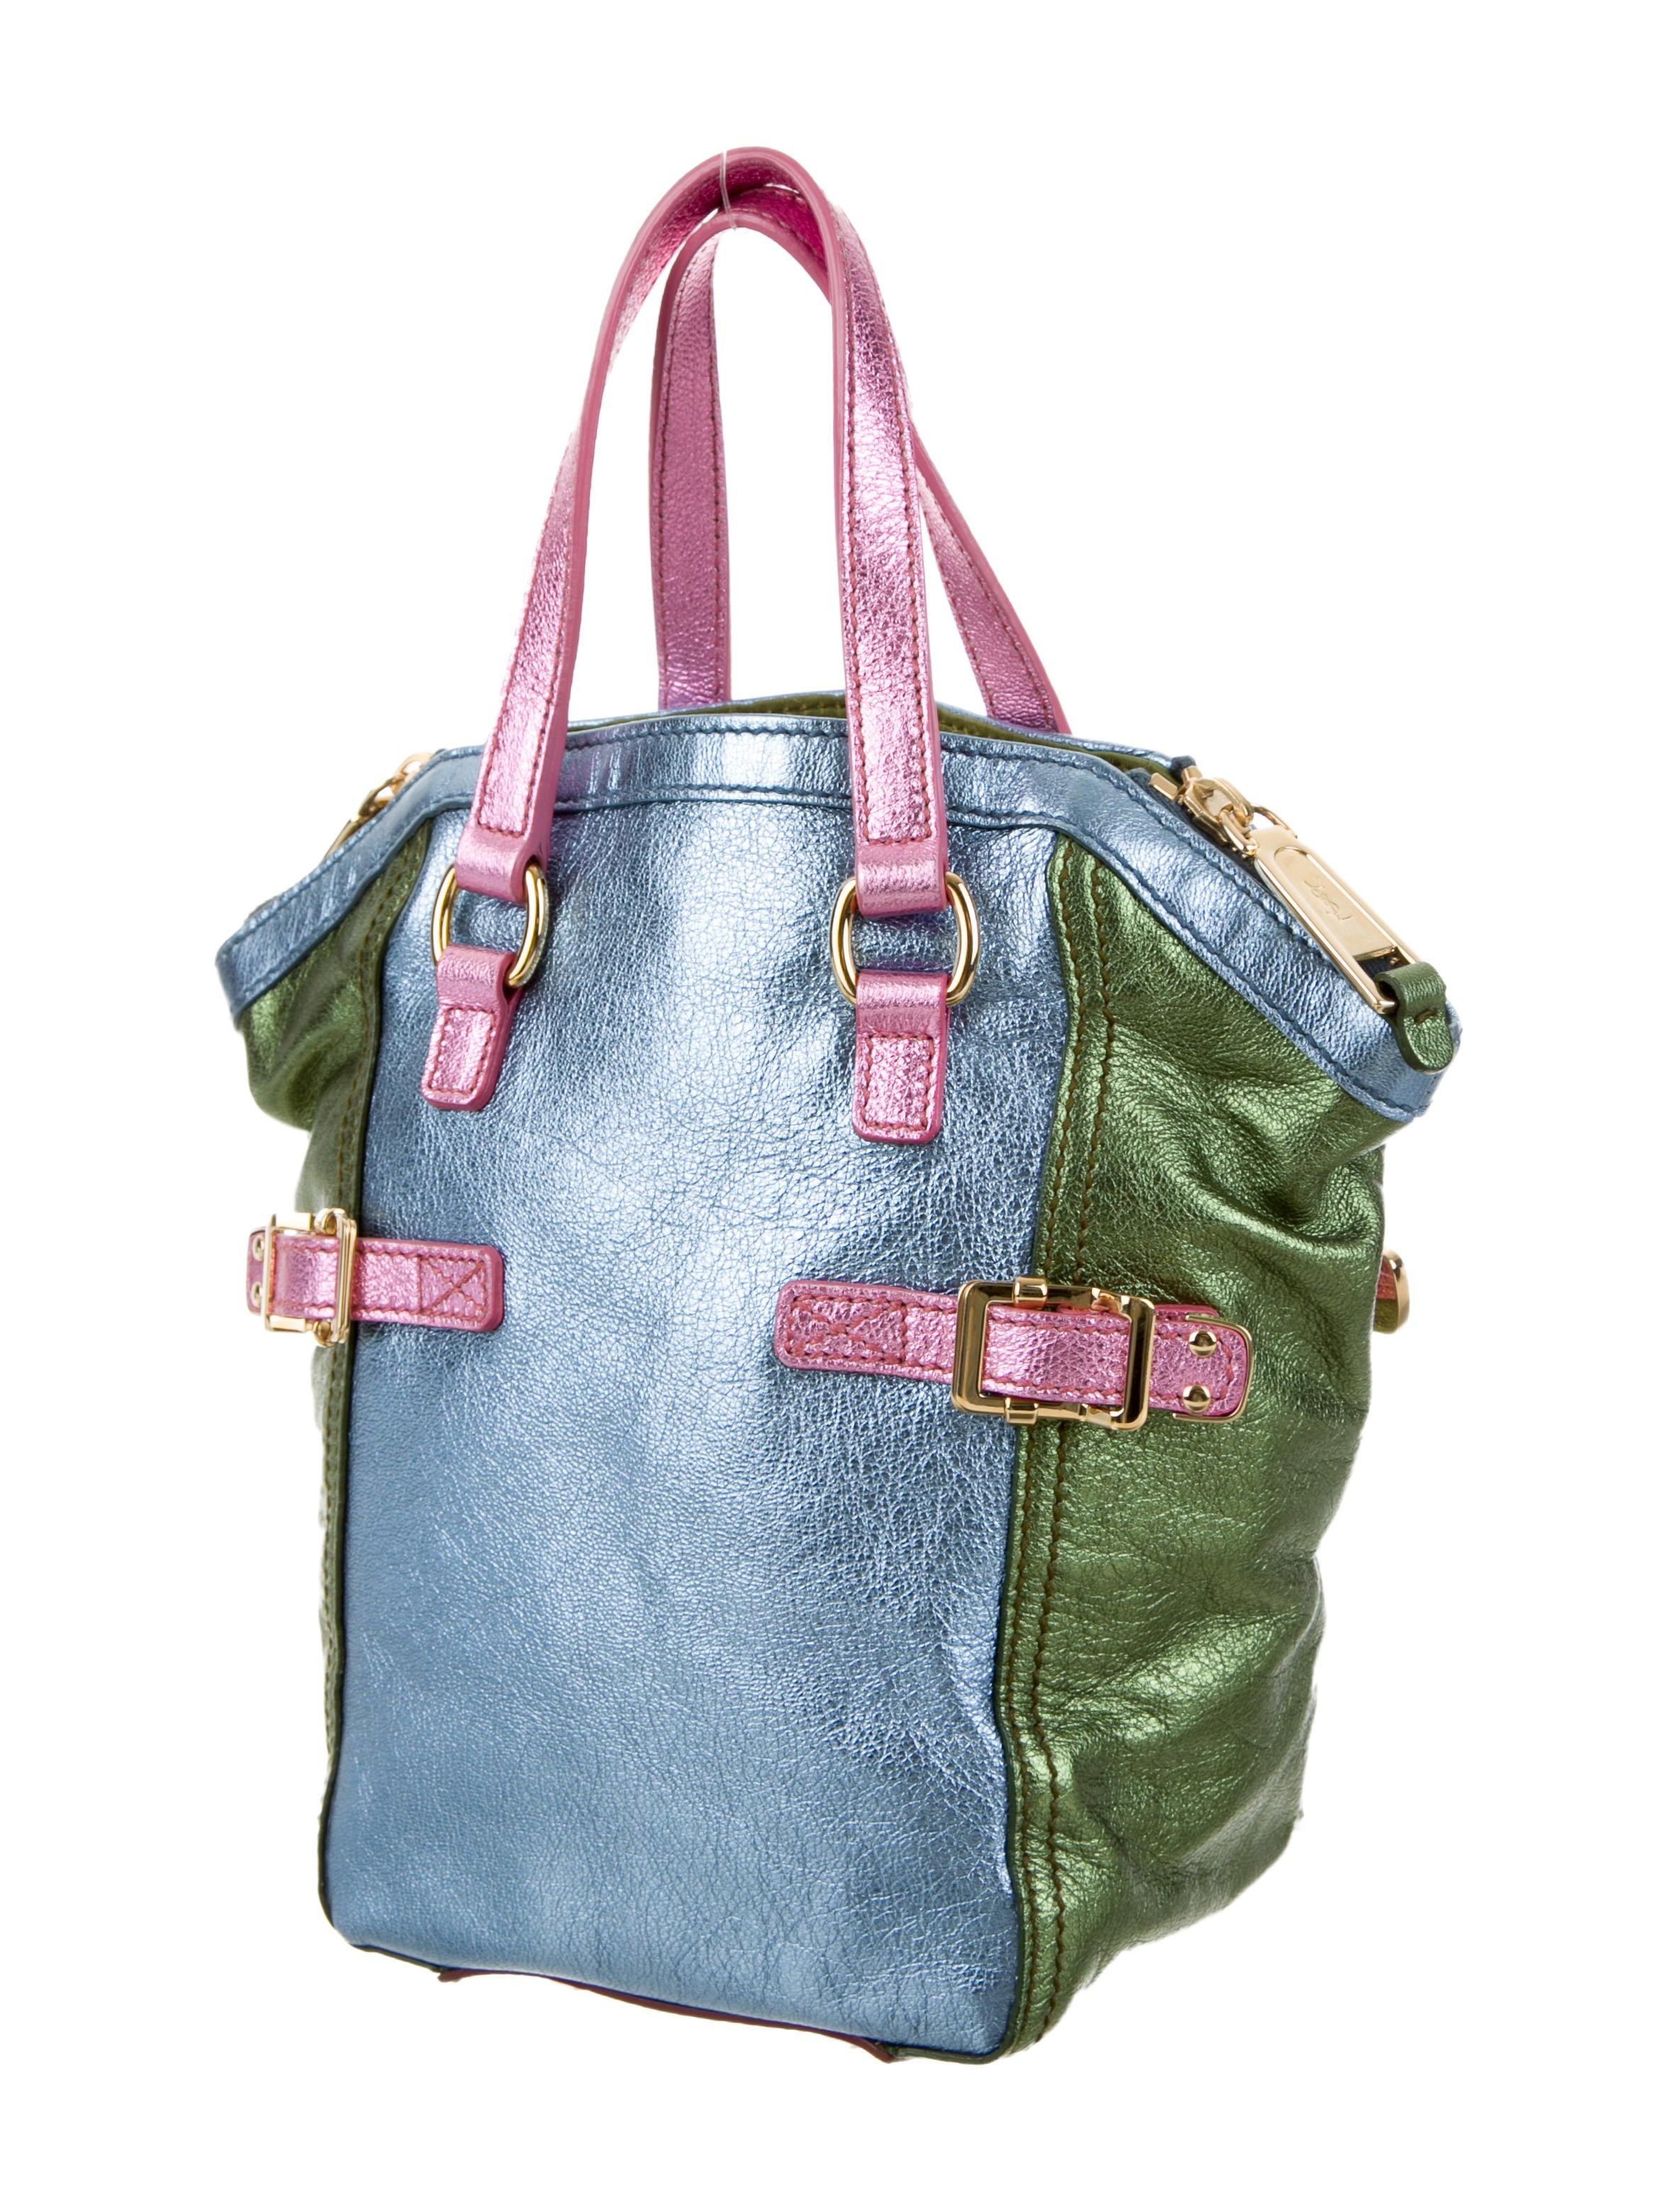 e99c6f123c71 Ysl Mini Downtown Bag